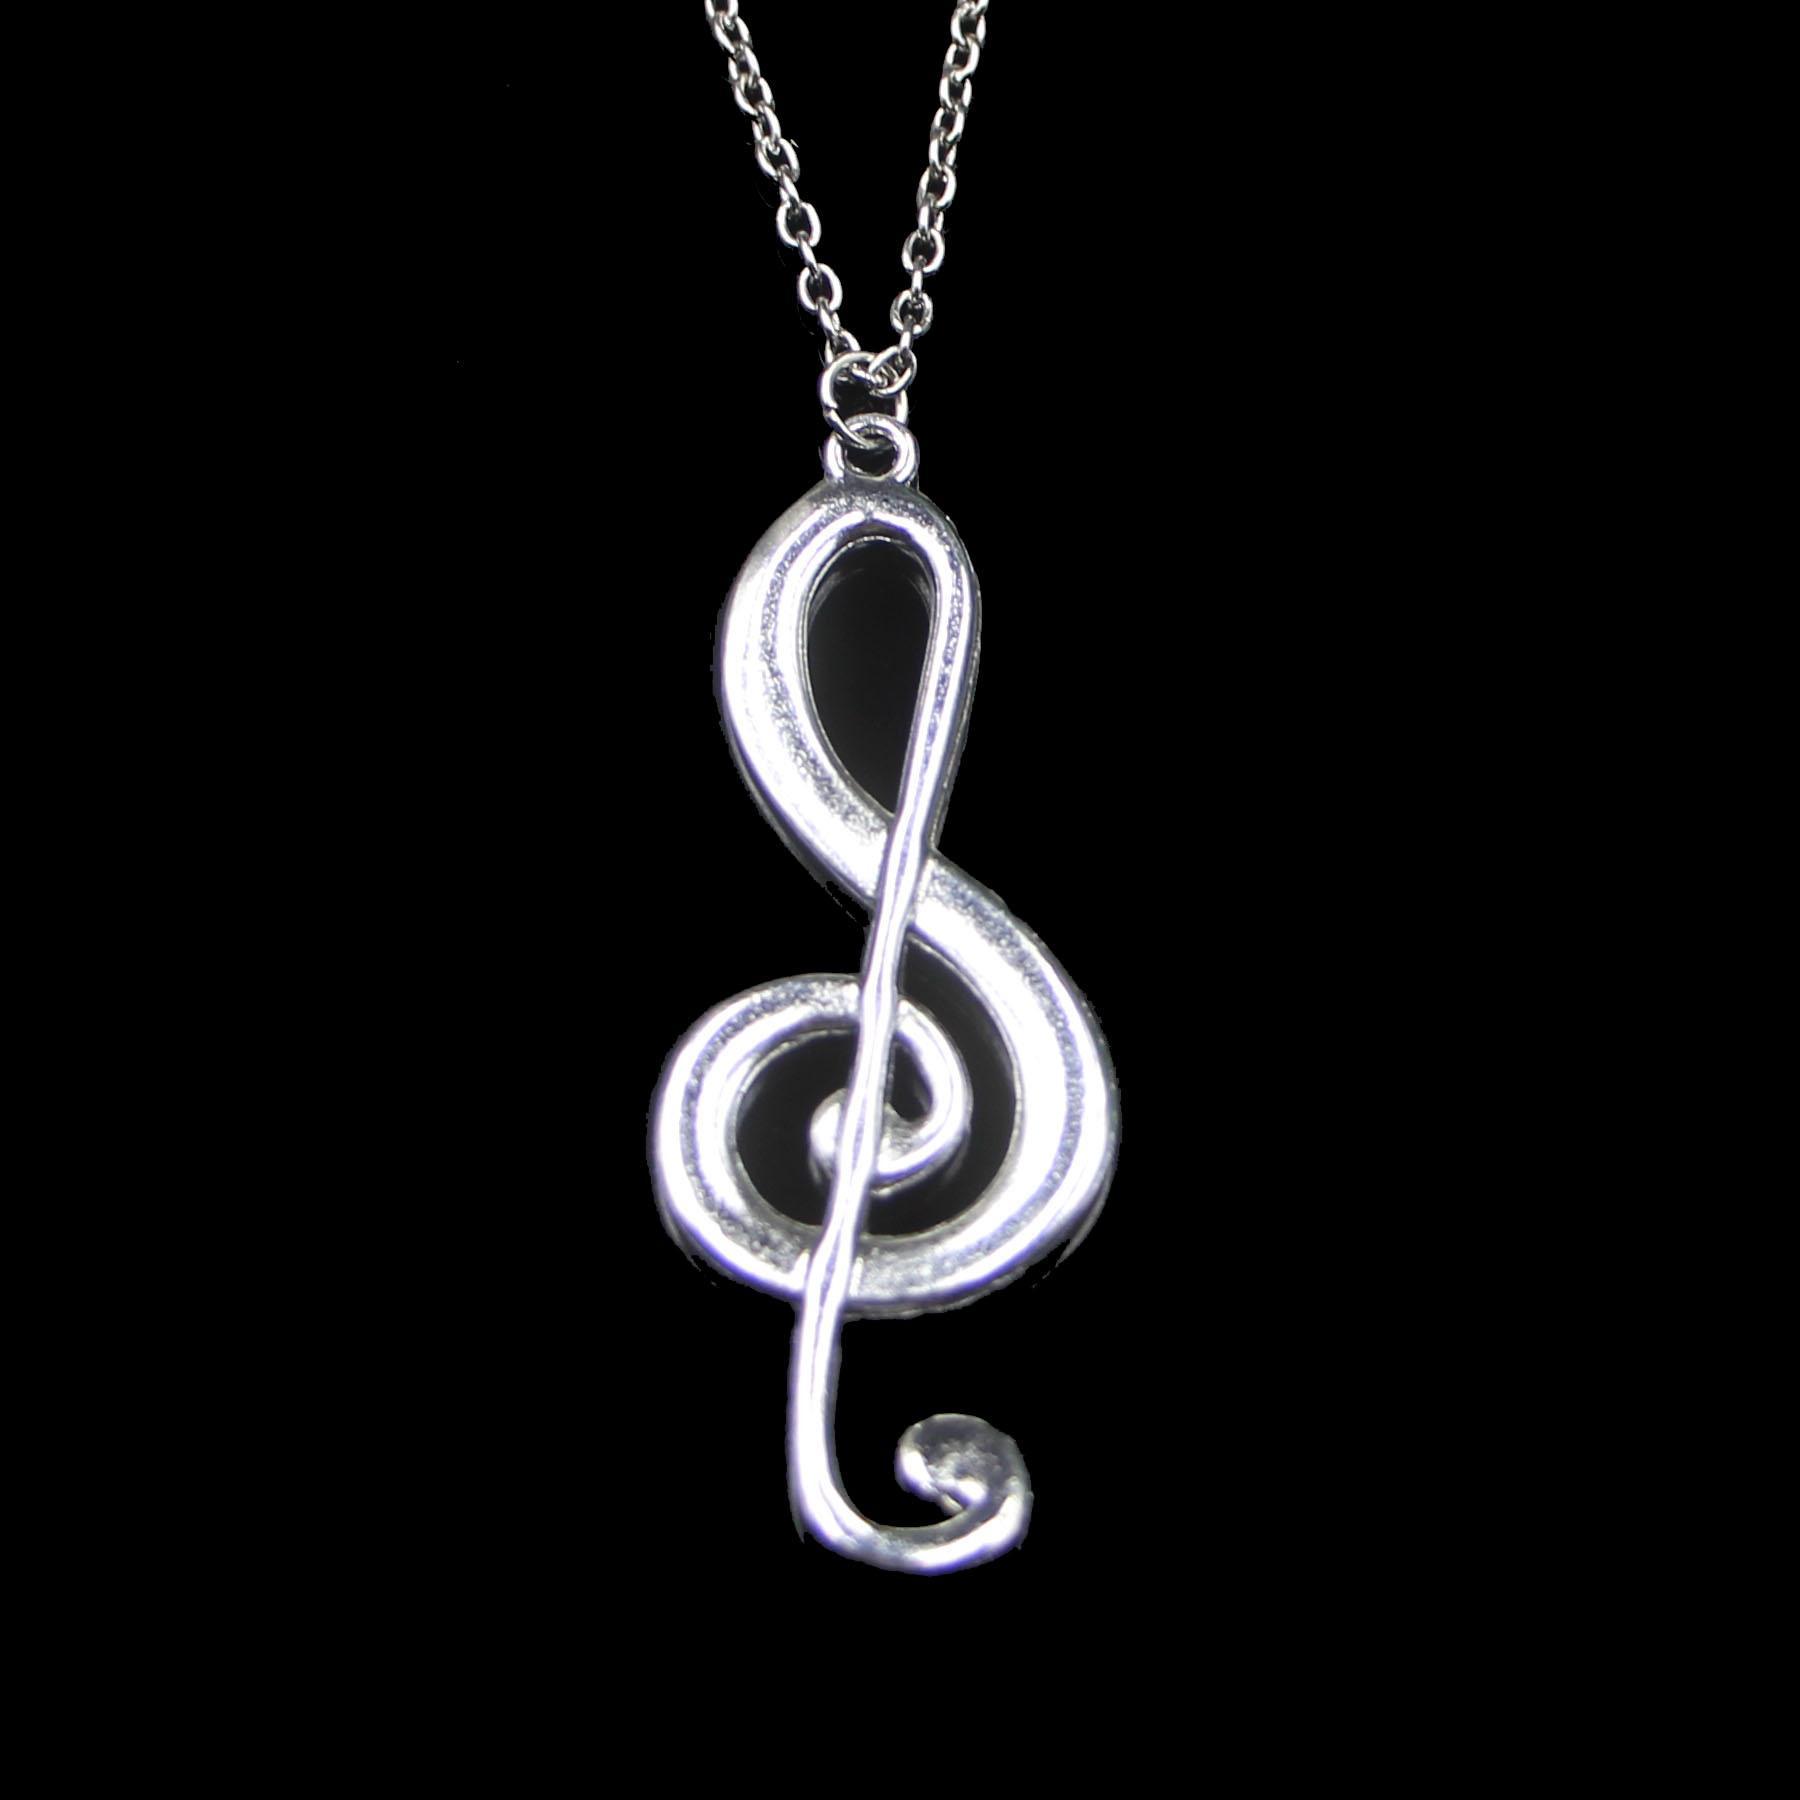 Мода 60 * 21 мм музыкальная нота подвеска ожерелье звена цепочка для женского колье ожерелье творческий ювелирные изделия